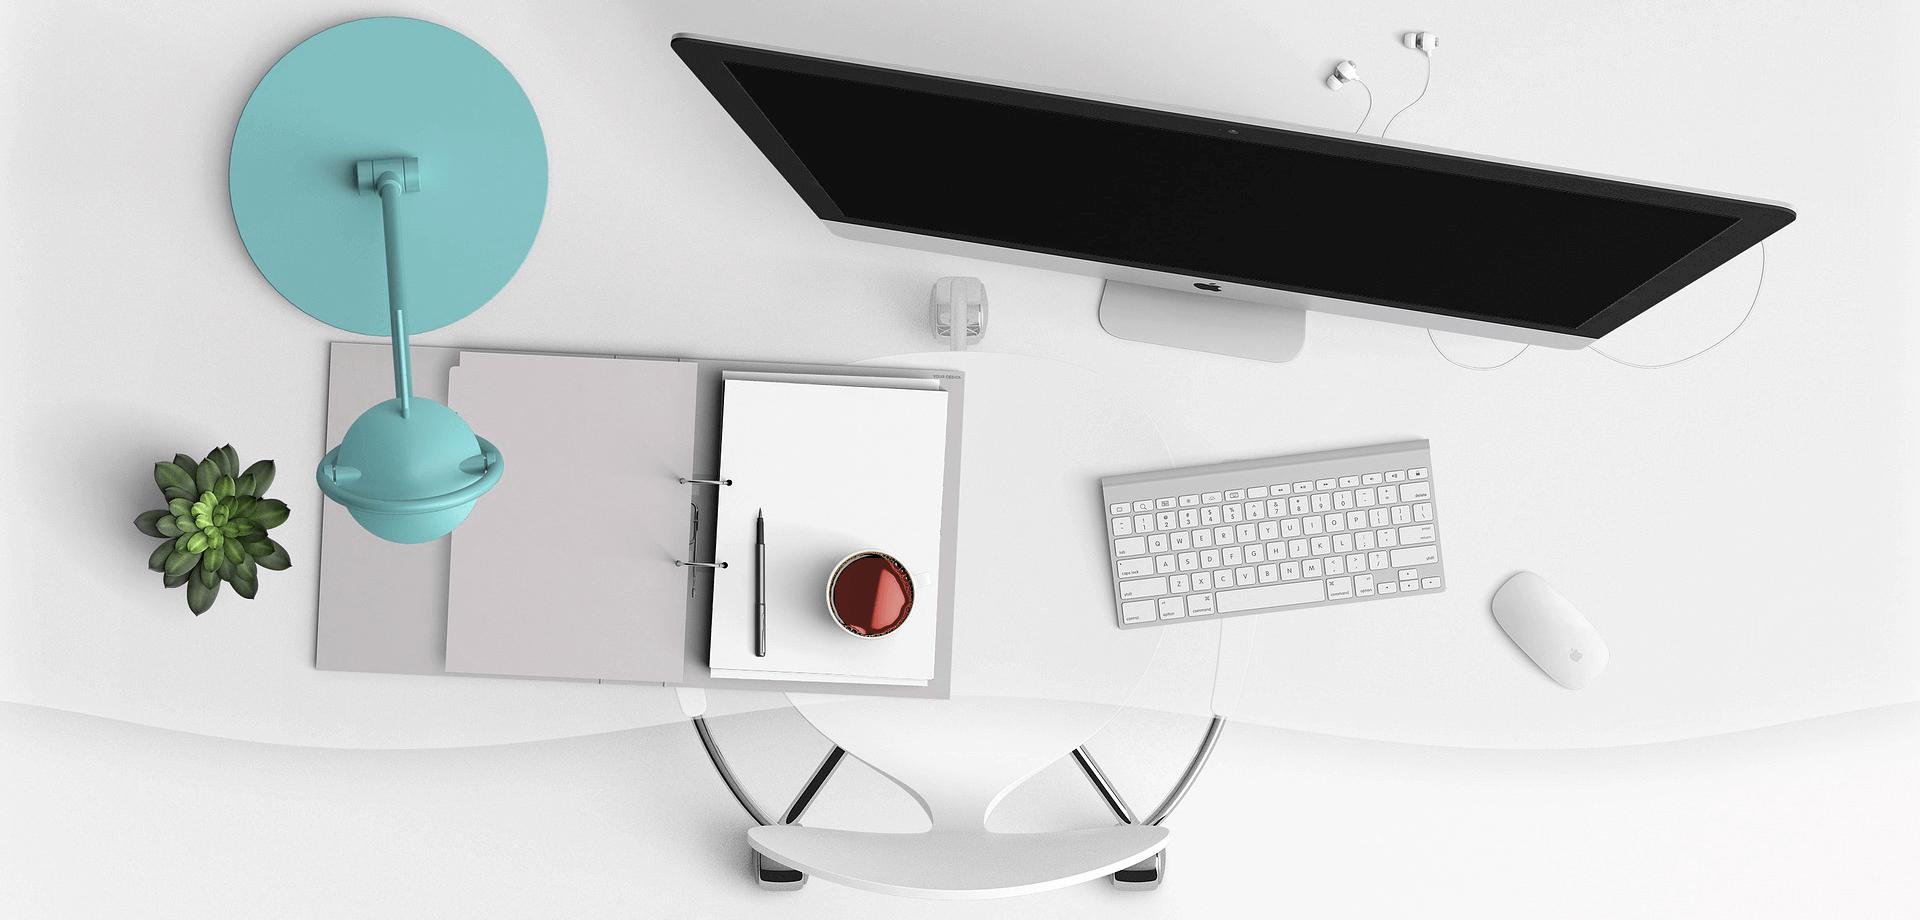 Íróasztal felülnézetben-Orning Anikó, webdesign, logó- és arculattervezés, honlapkészítés, grafikai munkák, plakát tervezése, felhasználóbarát és reszponzív weboldal tervezése, Pécs, kedvezményes ár